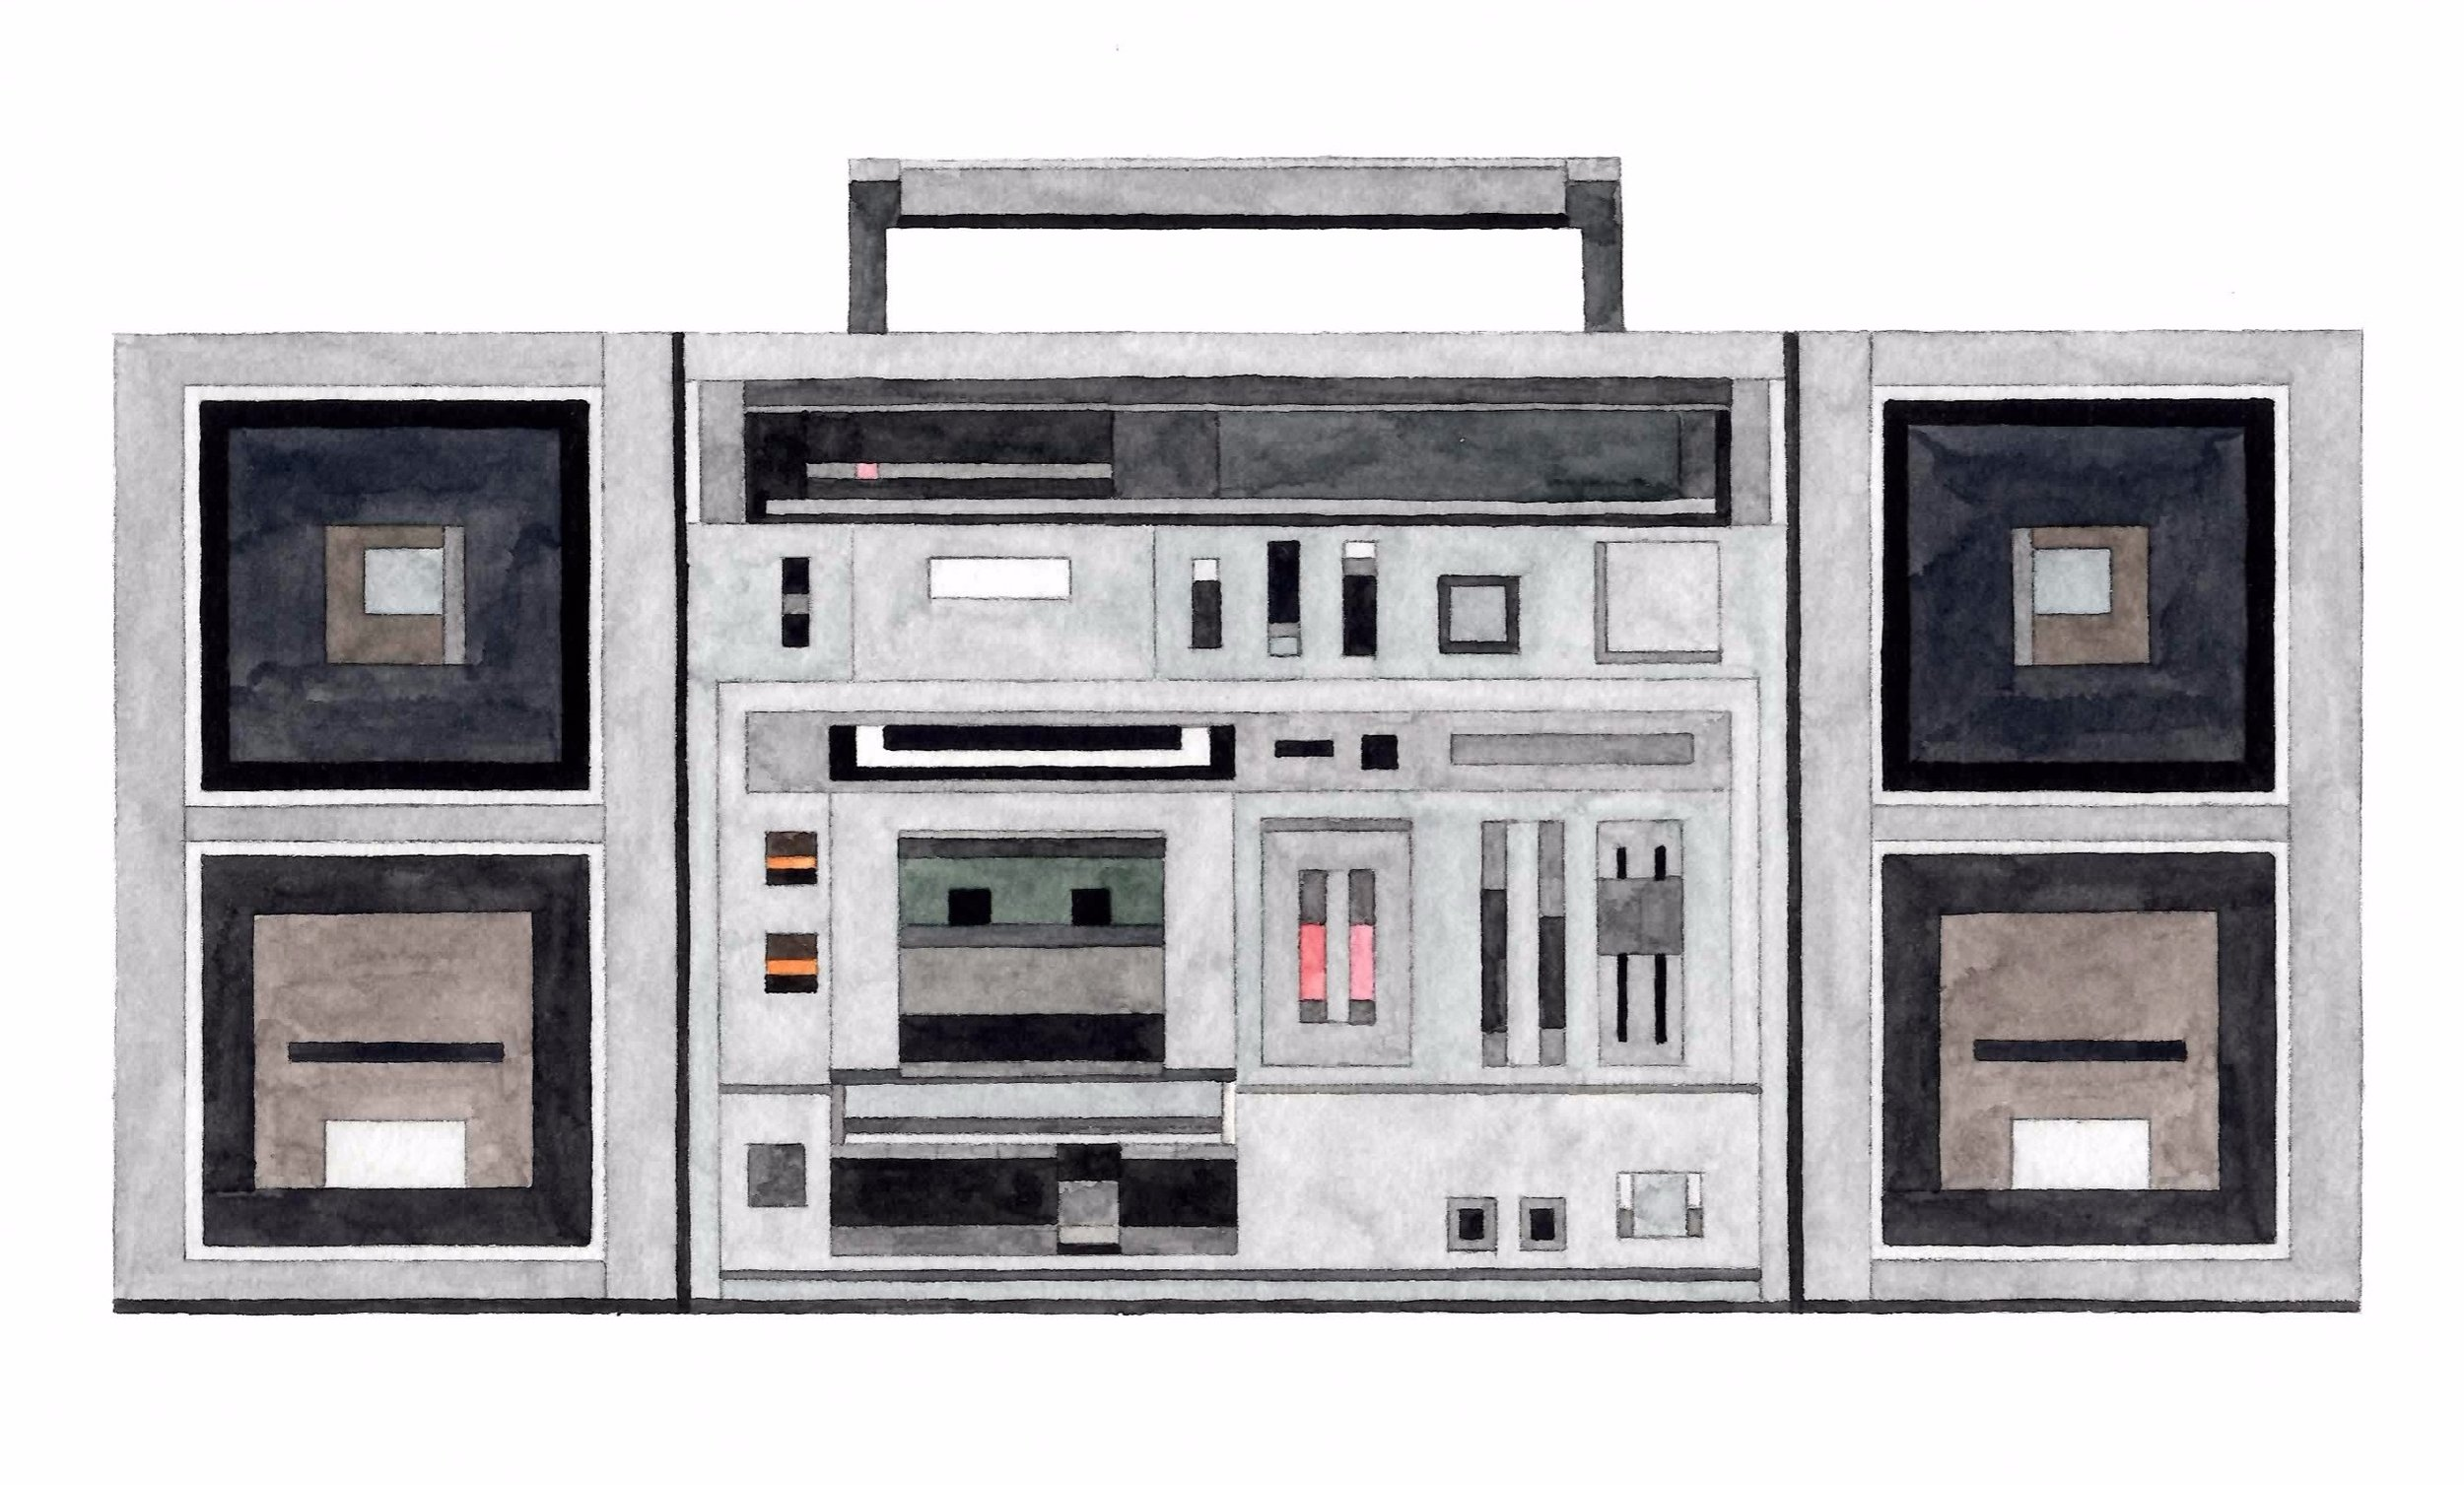 Adam Lister Boombox Toshiba RT-S953